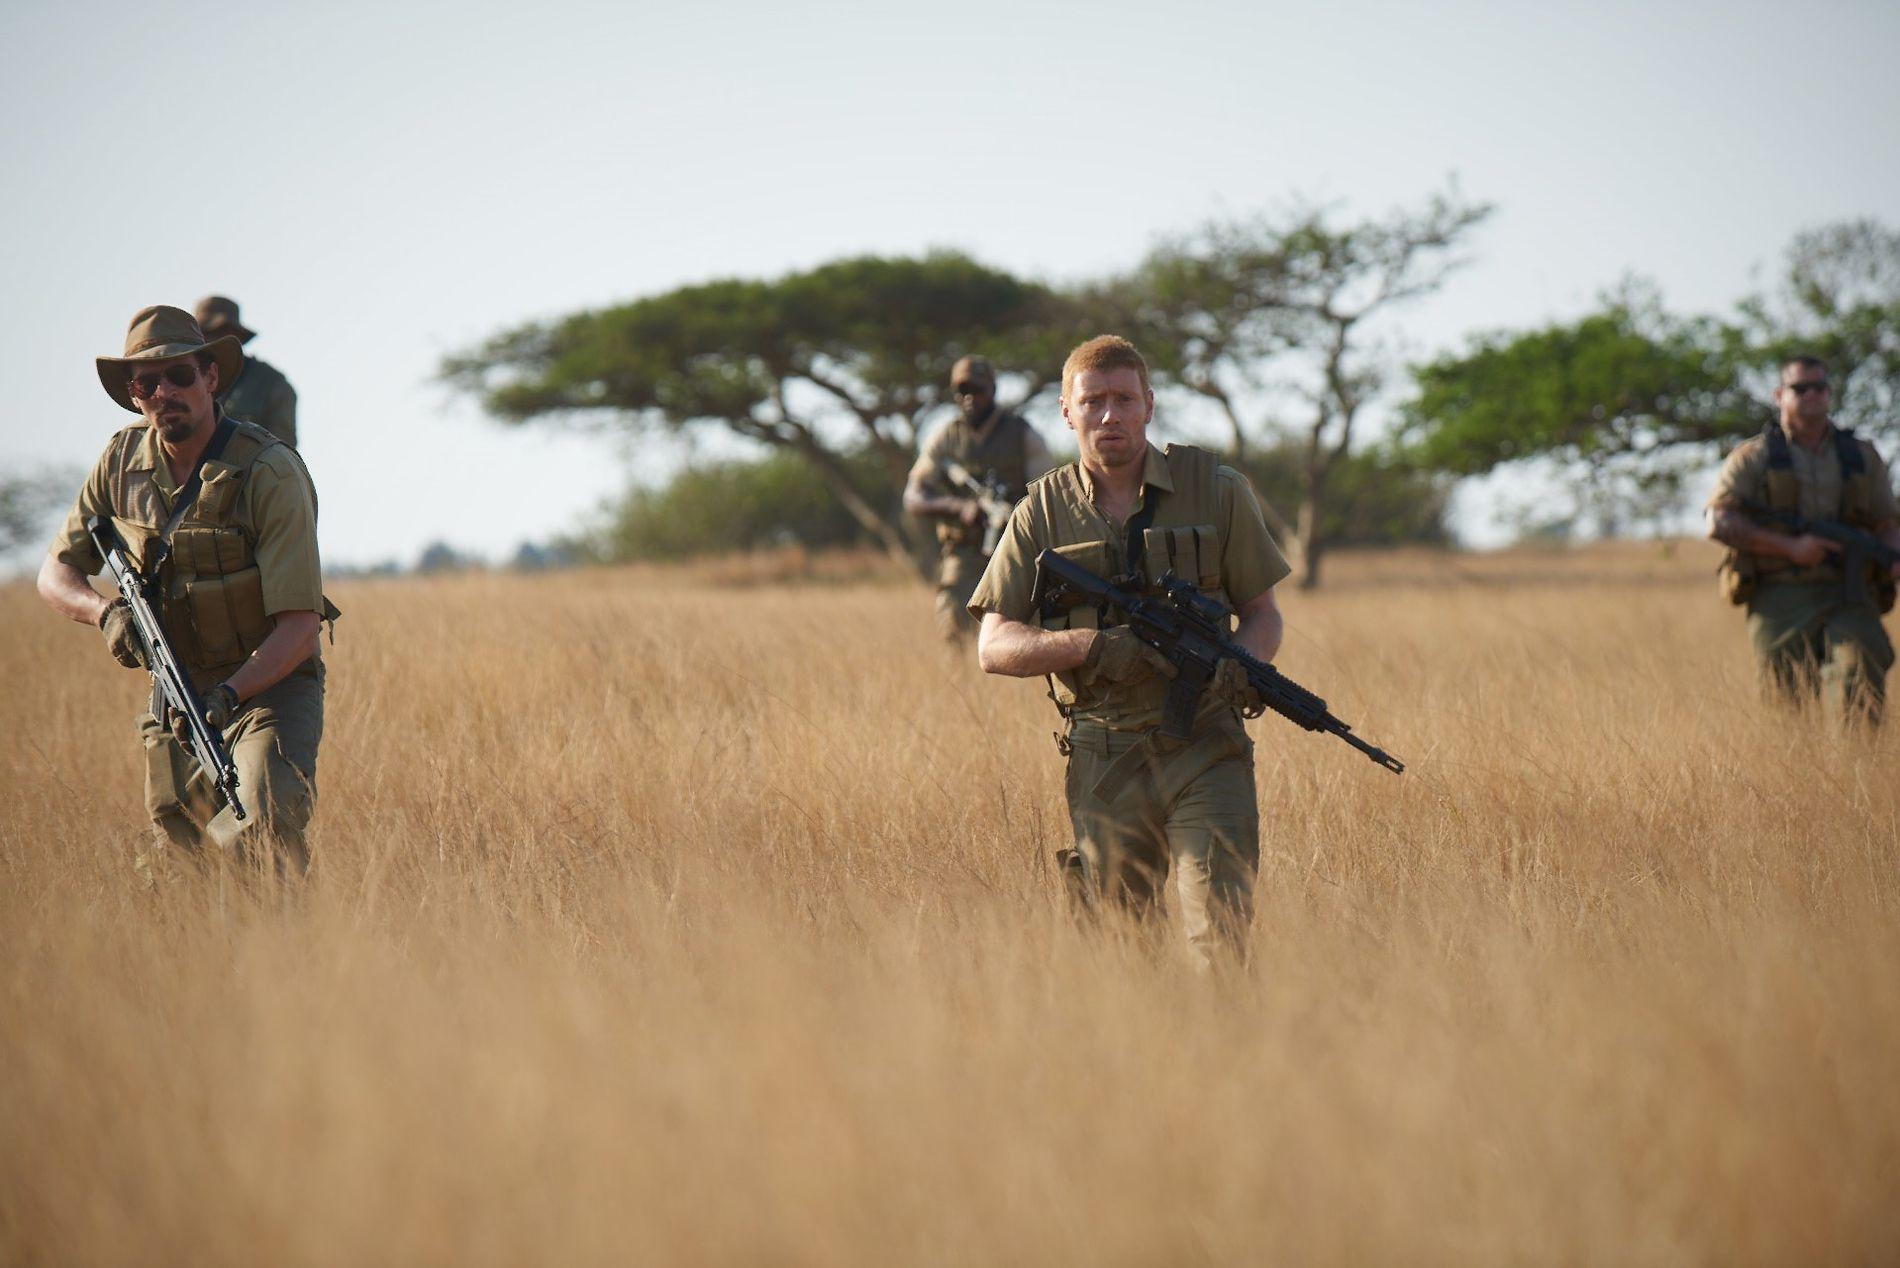 PÅ TOKT: I en scene fra filmen «Mordene i Kongo» er Tjostolv Moland, spilt av Tobias Santelmann, og Joshua French, spilt av Aksel Hennie, på skarpt oppdrag inne i Kongo.